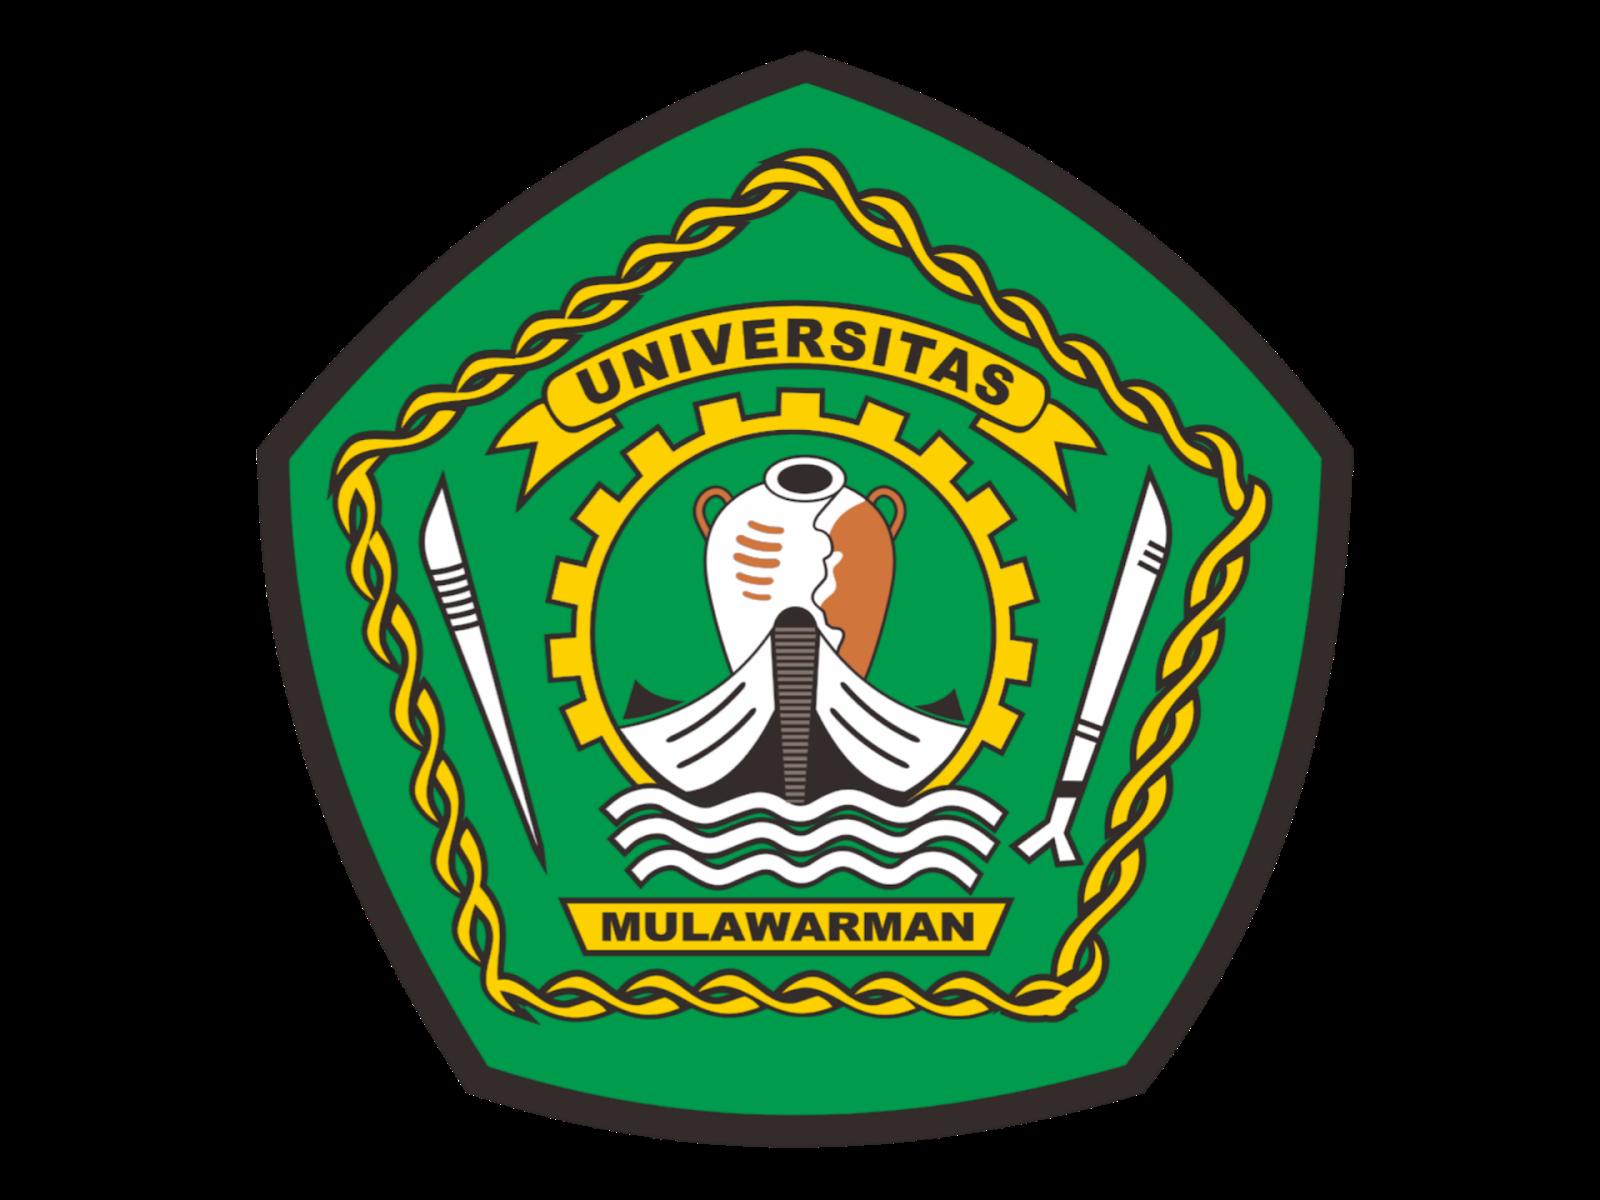 Logo Universitas Mulawarman Format PNG